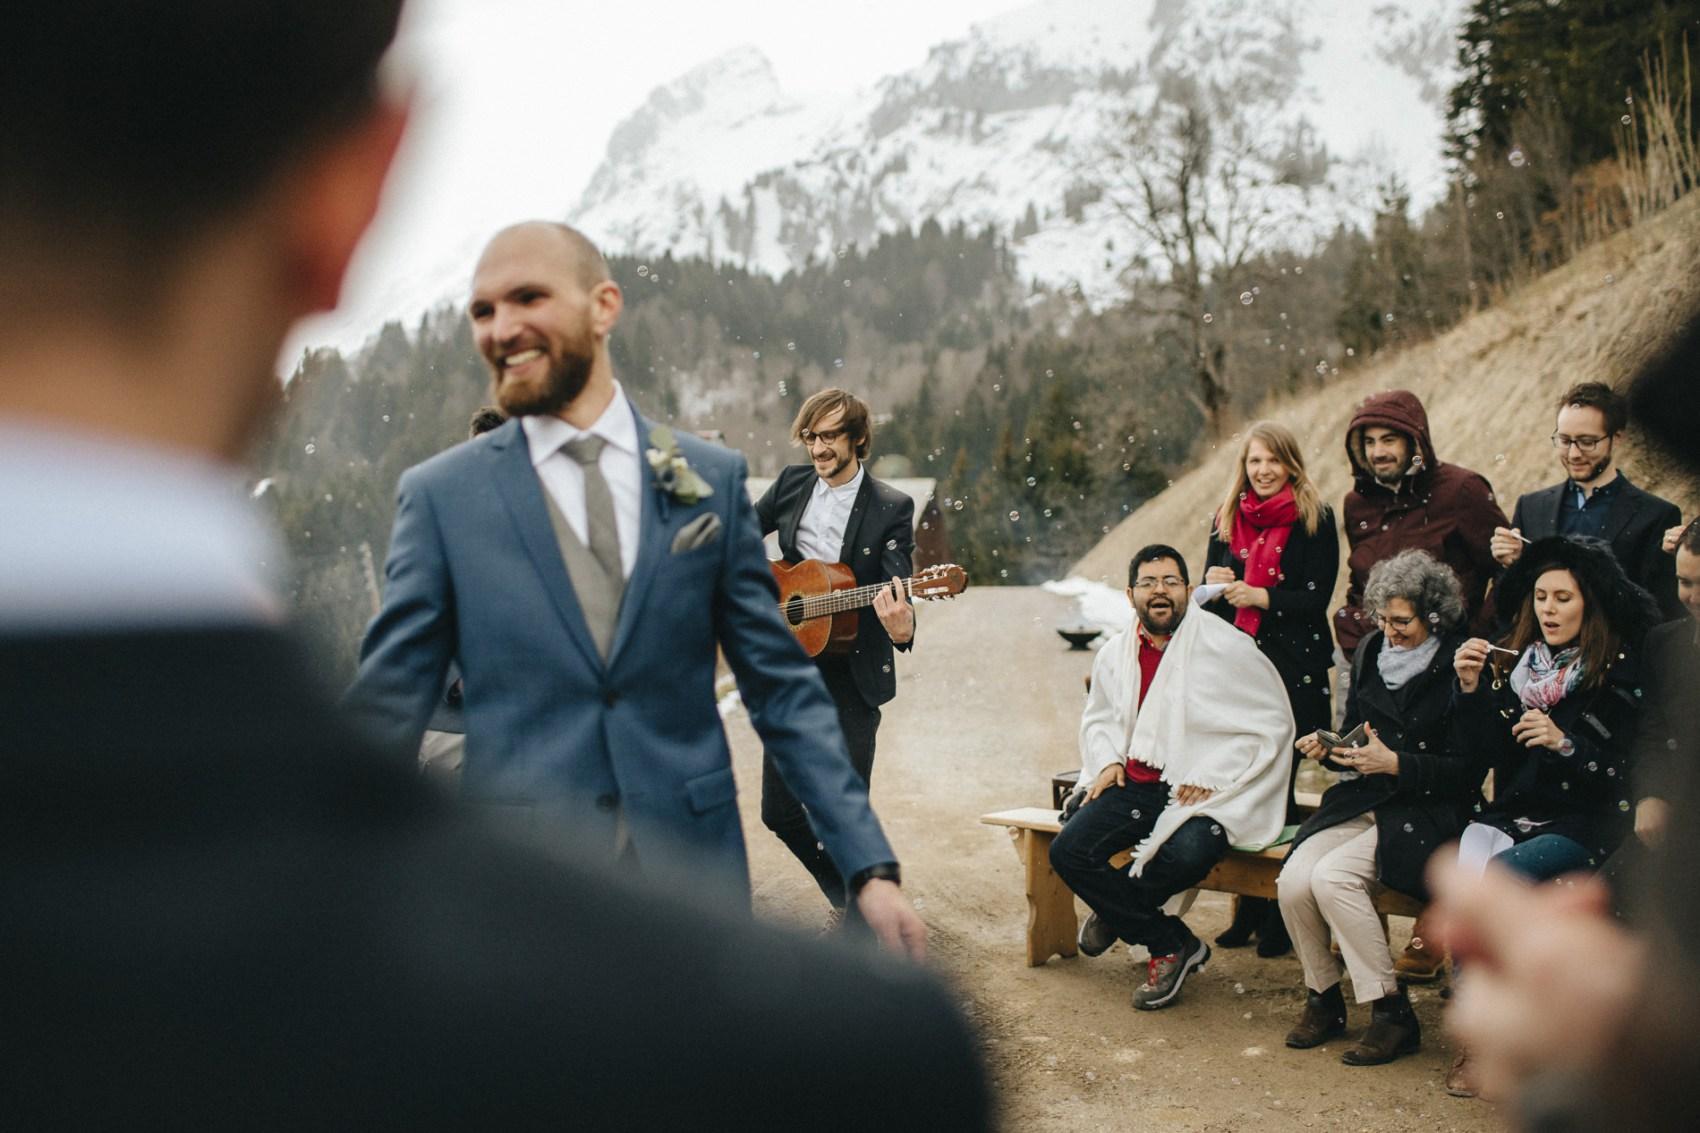 mariage-montagne-le-gite-du-passant-savoie-128.jpg